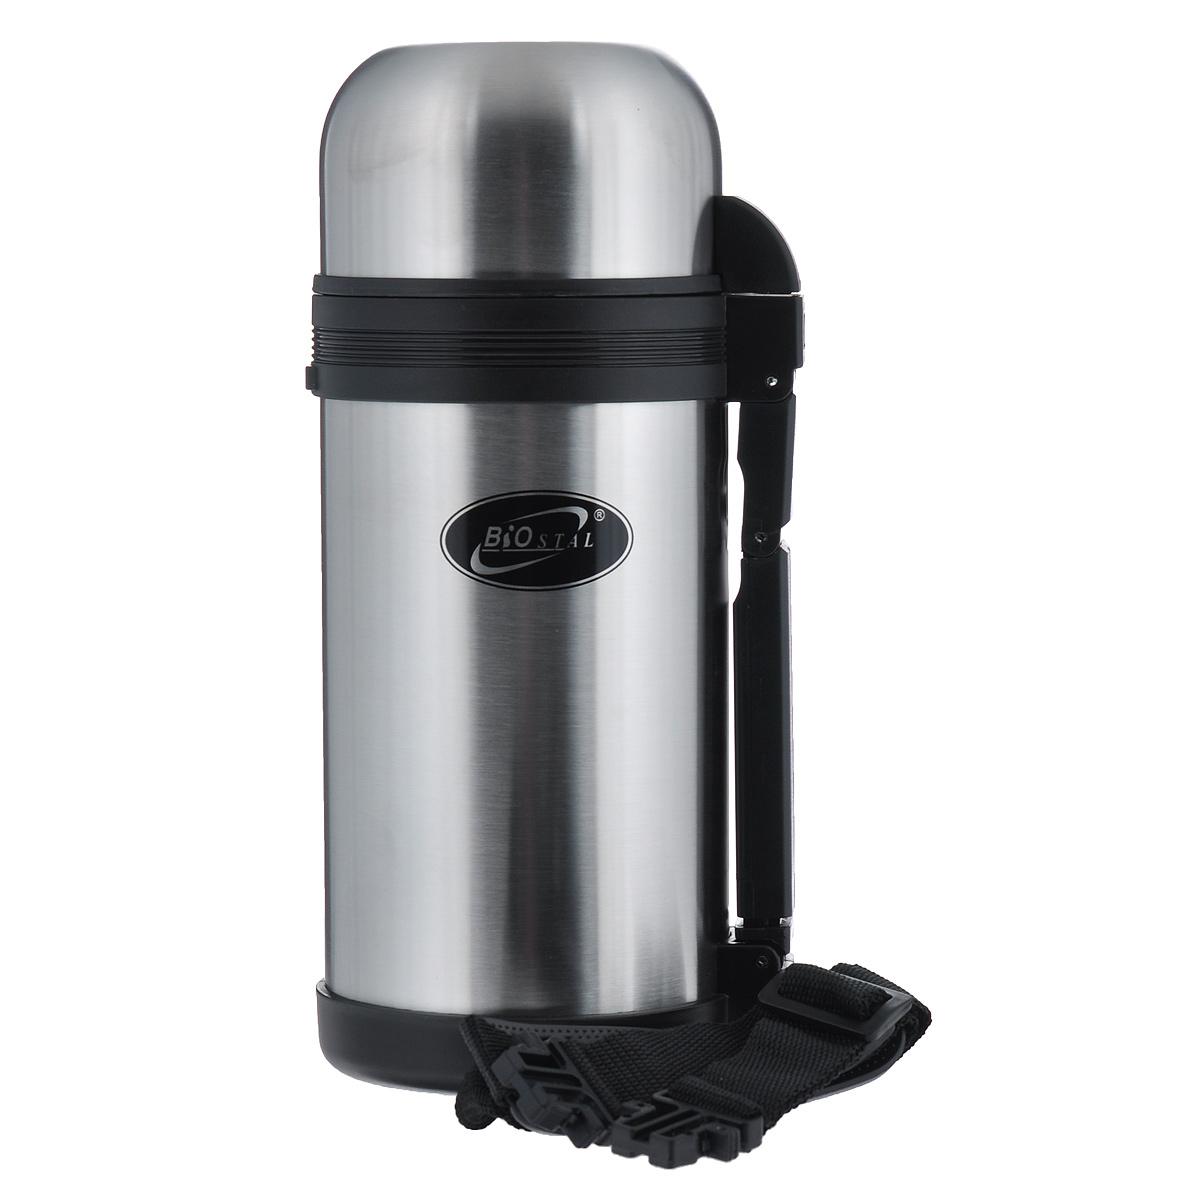 Термос BIOSTAL, 1 л. NG-1000-13299Универсальный пищевой термос BIOSTAL, изготовленный из высококачественной нержавеющей стали, относится к классической серии. Термосы этой серии, являющейся лидером продаж, просты в использовании, экономичны и многофункциональны. Универсальный термос выполняет функции термоса для еды (первого или второго) и термоса для напитков (кофе, чая). Это достигается благодаря специальной универсальной пробке, которая изготовлена из прочного пластика, легко разбирается для мытья и, обладая дополнительной теплоизоляцией, позволяет термосу дольше хранить тепло. Конструкция пробки позволяет использовать термос, как для напитков, так и для первых и вторых блюд. Изделие оснащено удобной ручкой, ремешком для переноски, крышкой-чашкой и дополнительной пластиковой чашкой. Легкий и прочный термос BIOSTAL сохранит ваши напитки и продукты горячими или холодными надолго.